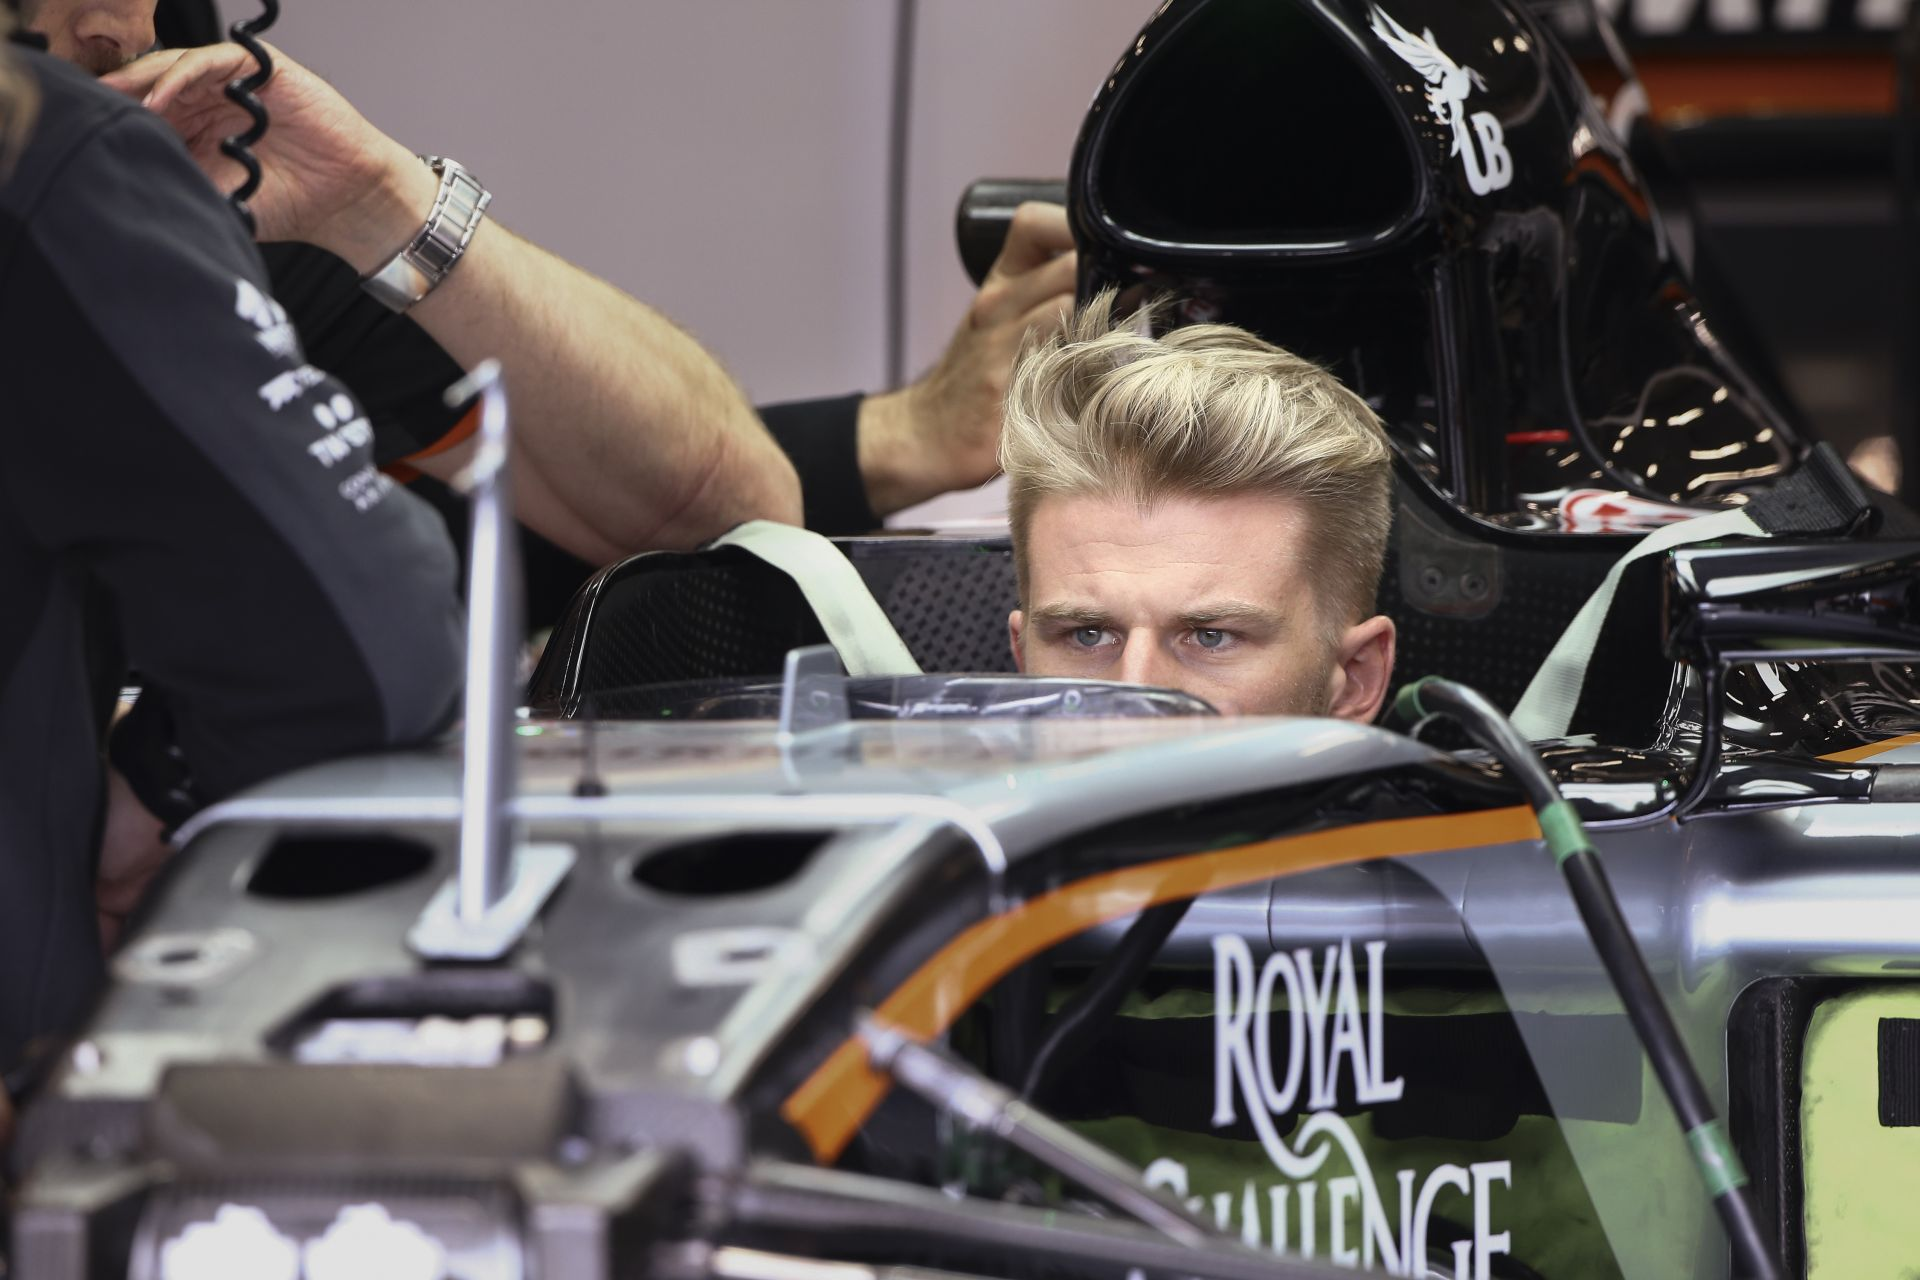 Miért nem kell egy top-csapatnak sem Hülkenberg, aki van annyira jó, mint Hamilton, vagy Vettel?